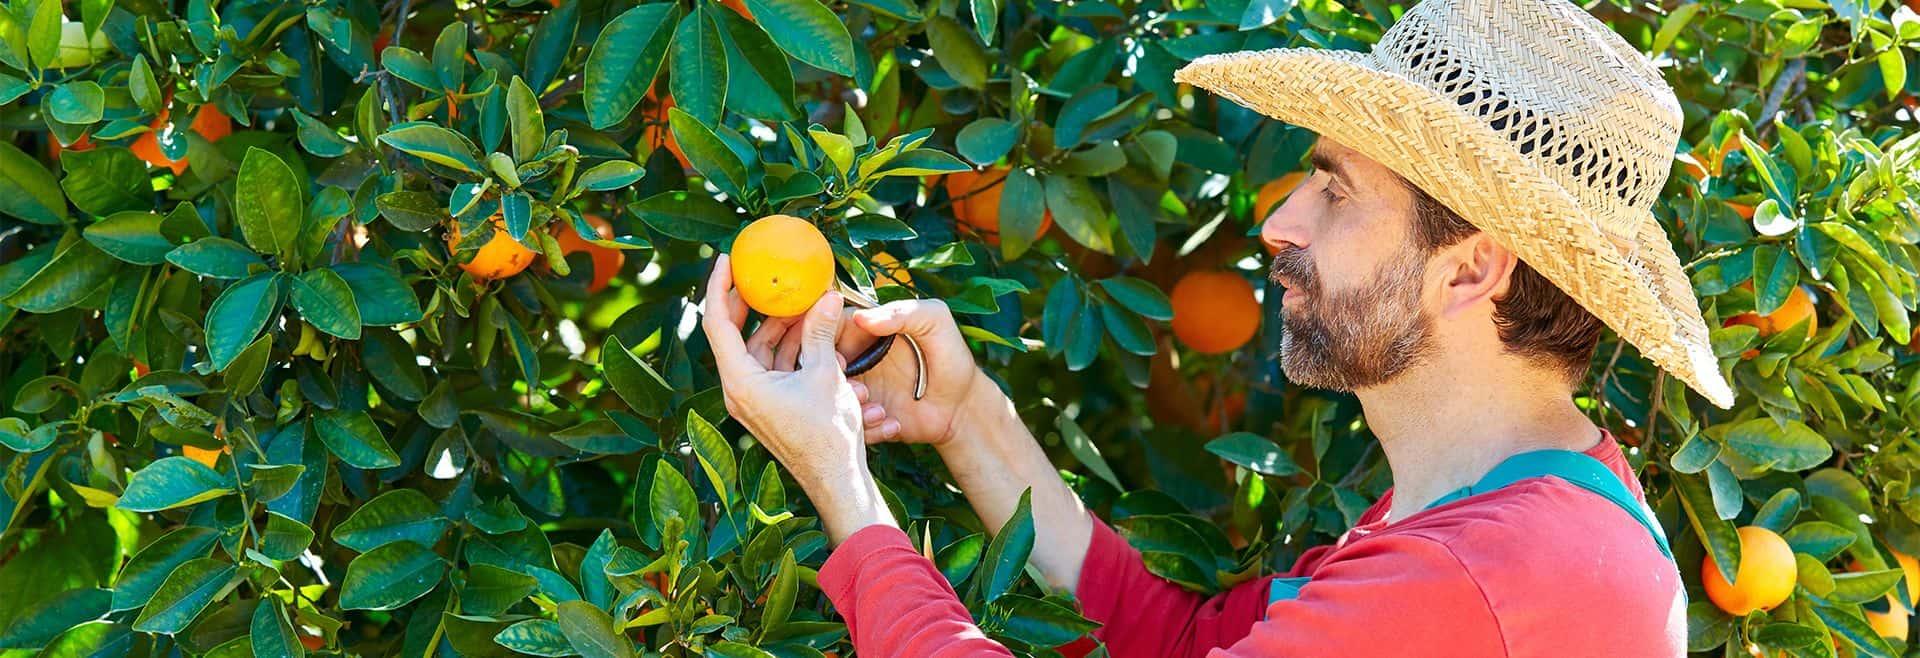 Farmer oranger